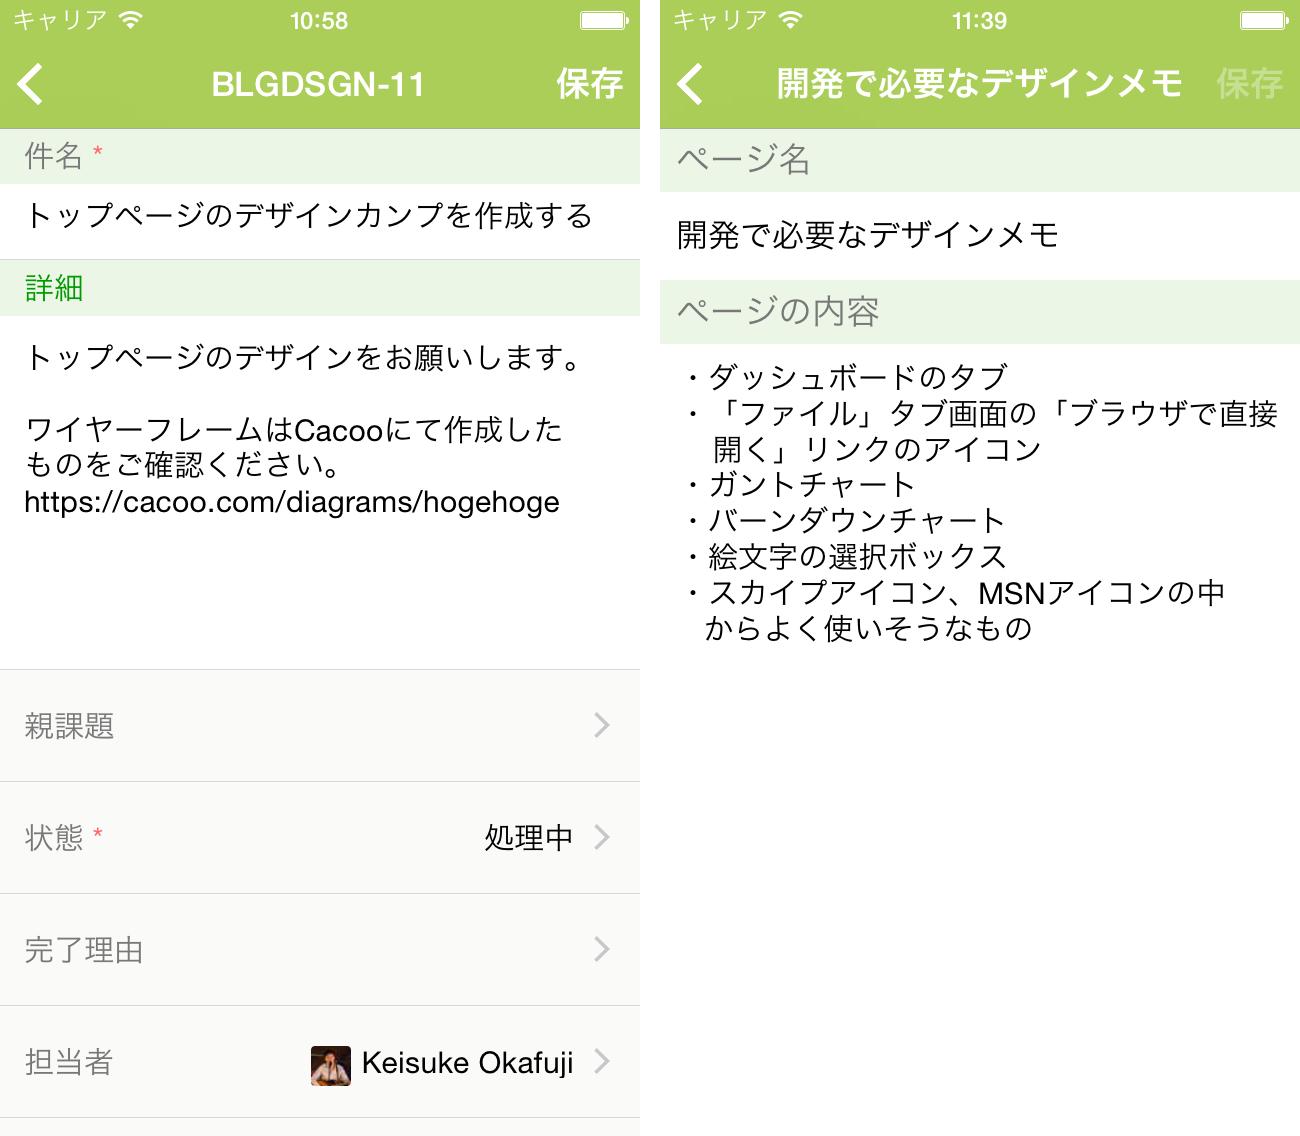 ja_backlog_iOS_edit_issue_wiki